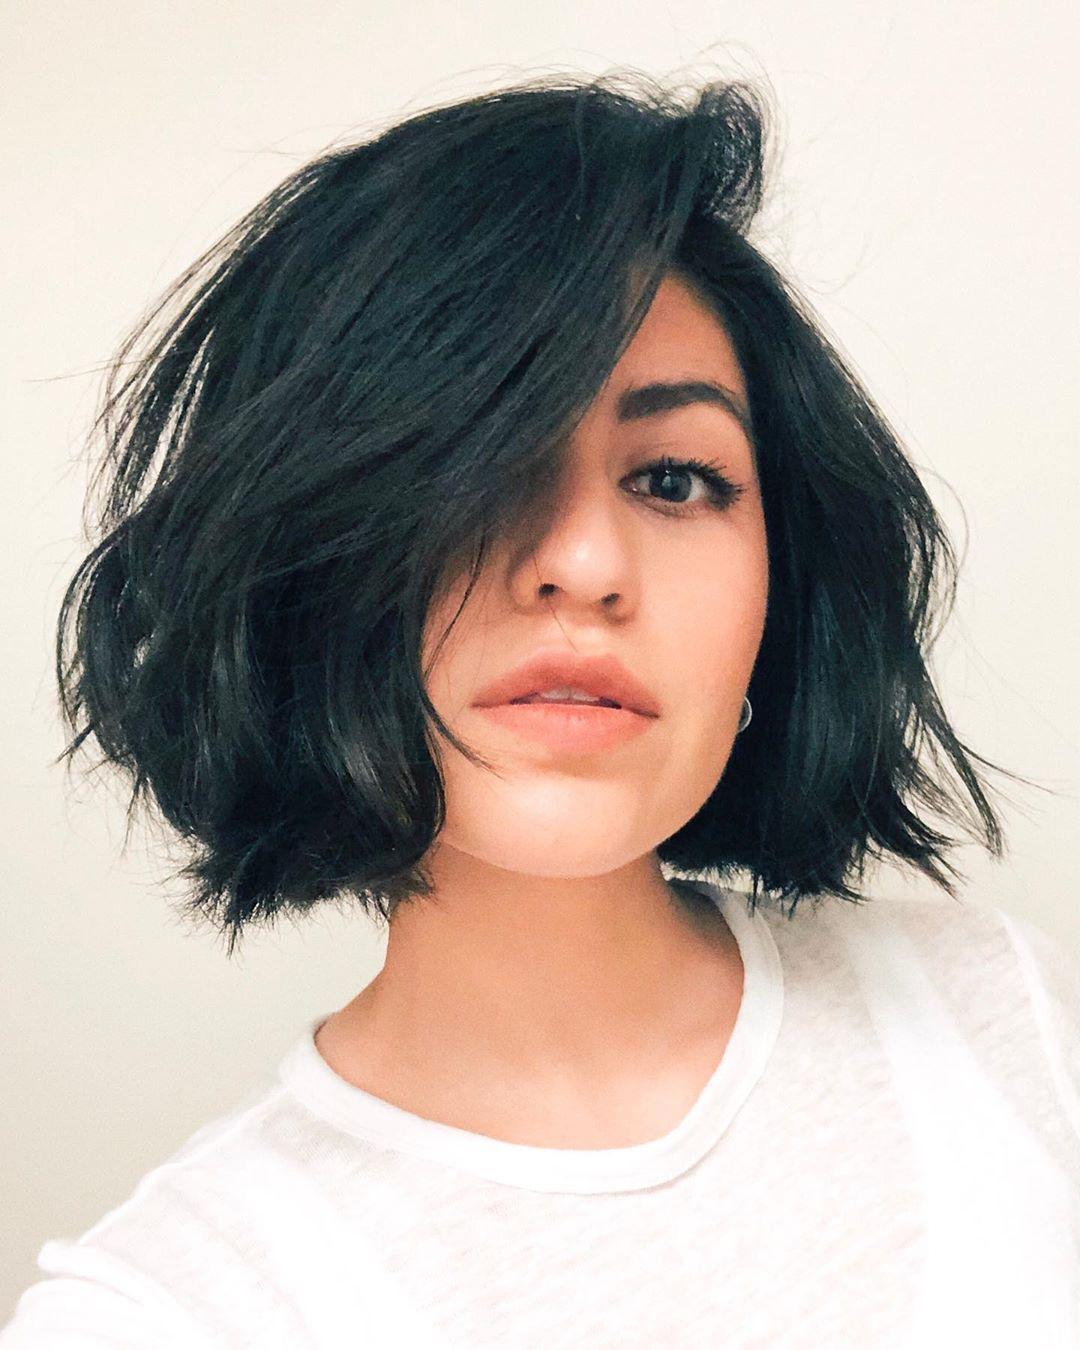 Стильные варианты стрижек на короткие волосы фото 6